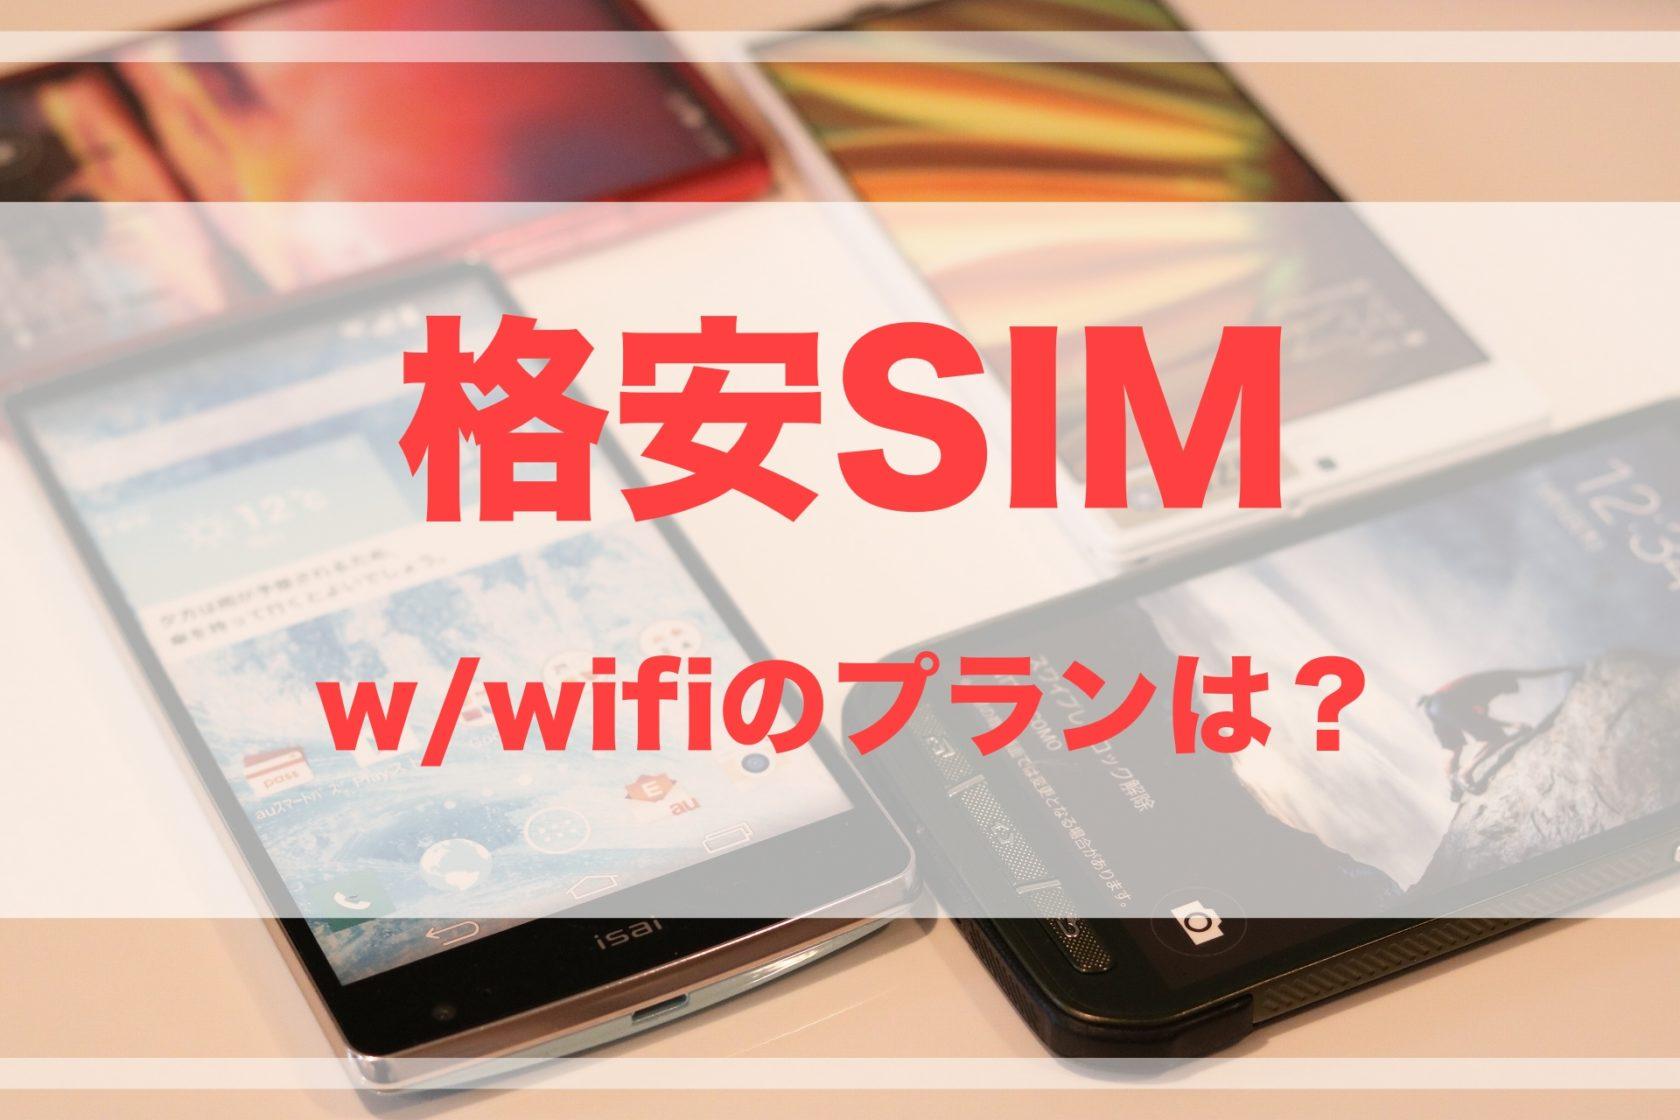 w/wifi